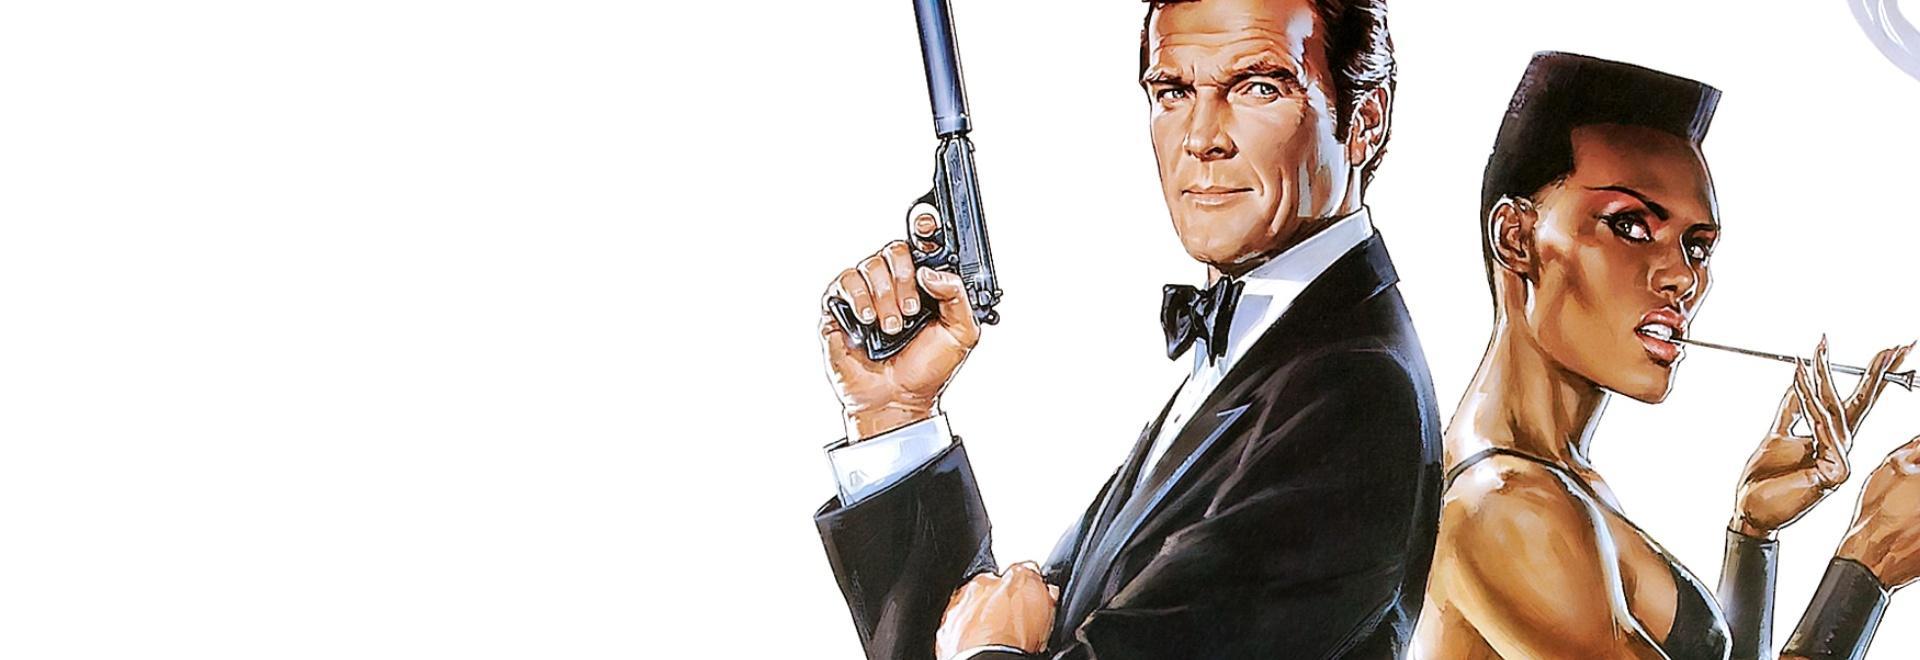 Agente 007 - Bersaglio mobile